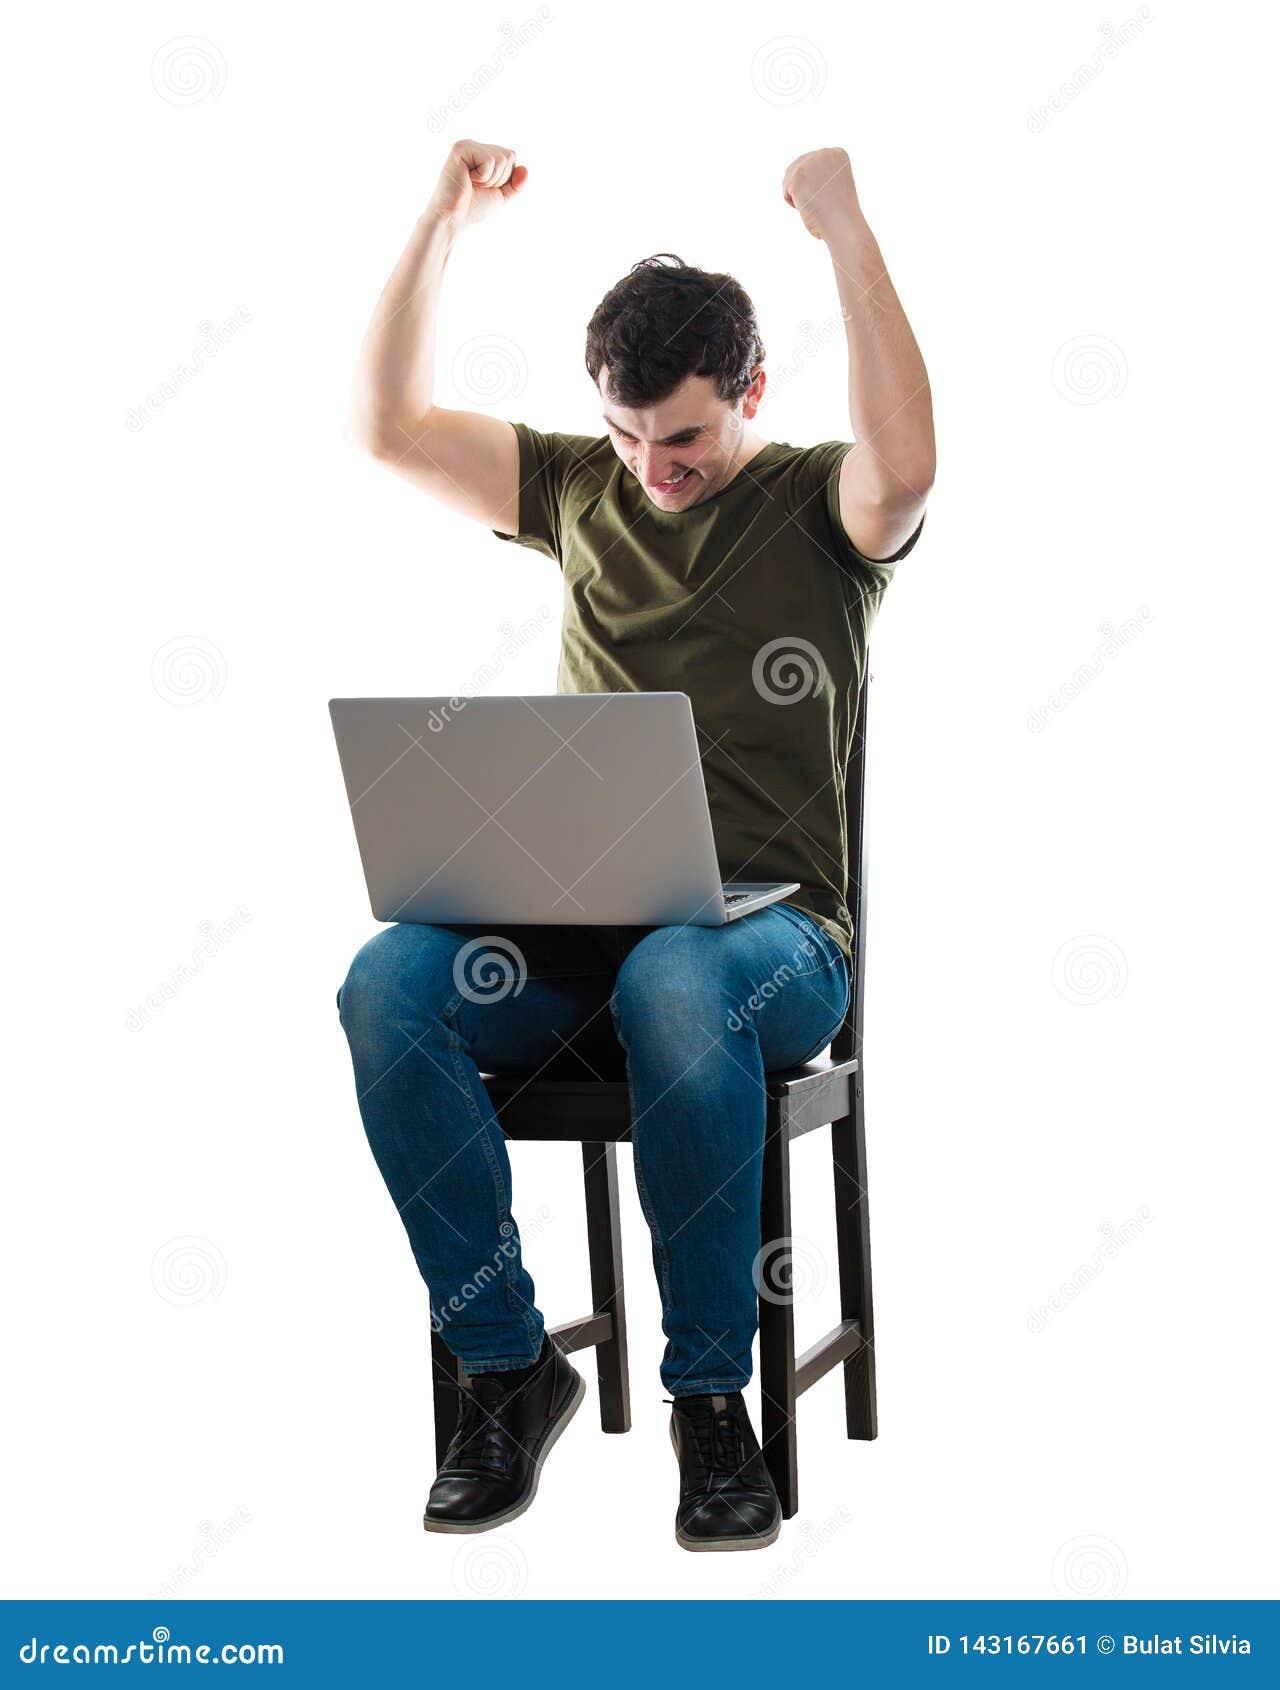 Mannen firar framgång genom att använda bärbara datorn